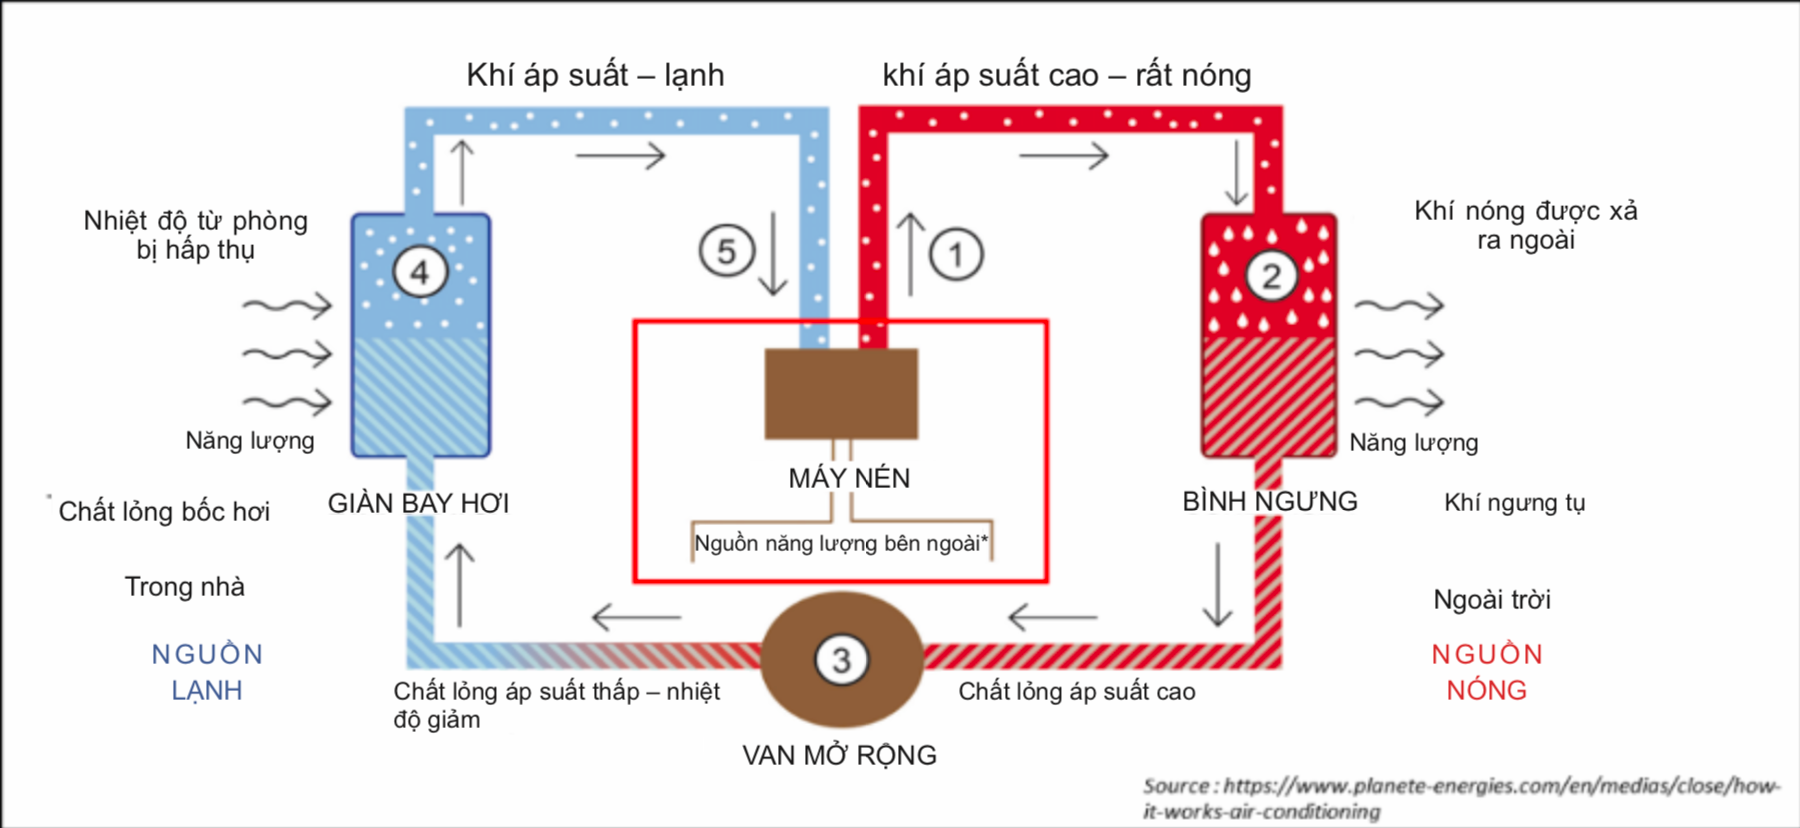 Thành phần và chu trình của hệ thống Điều hoà không khí HVAC